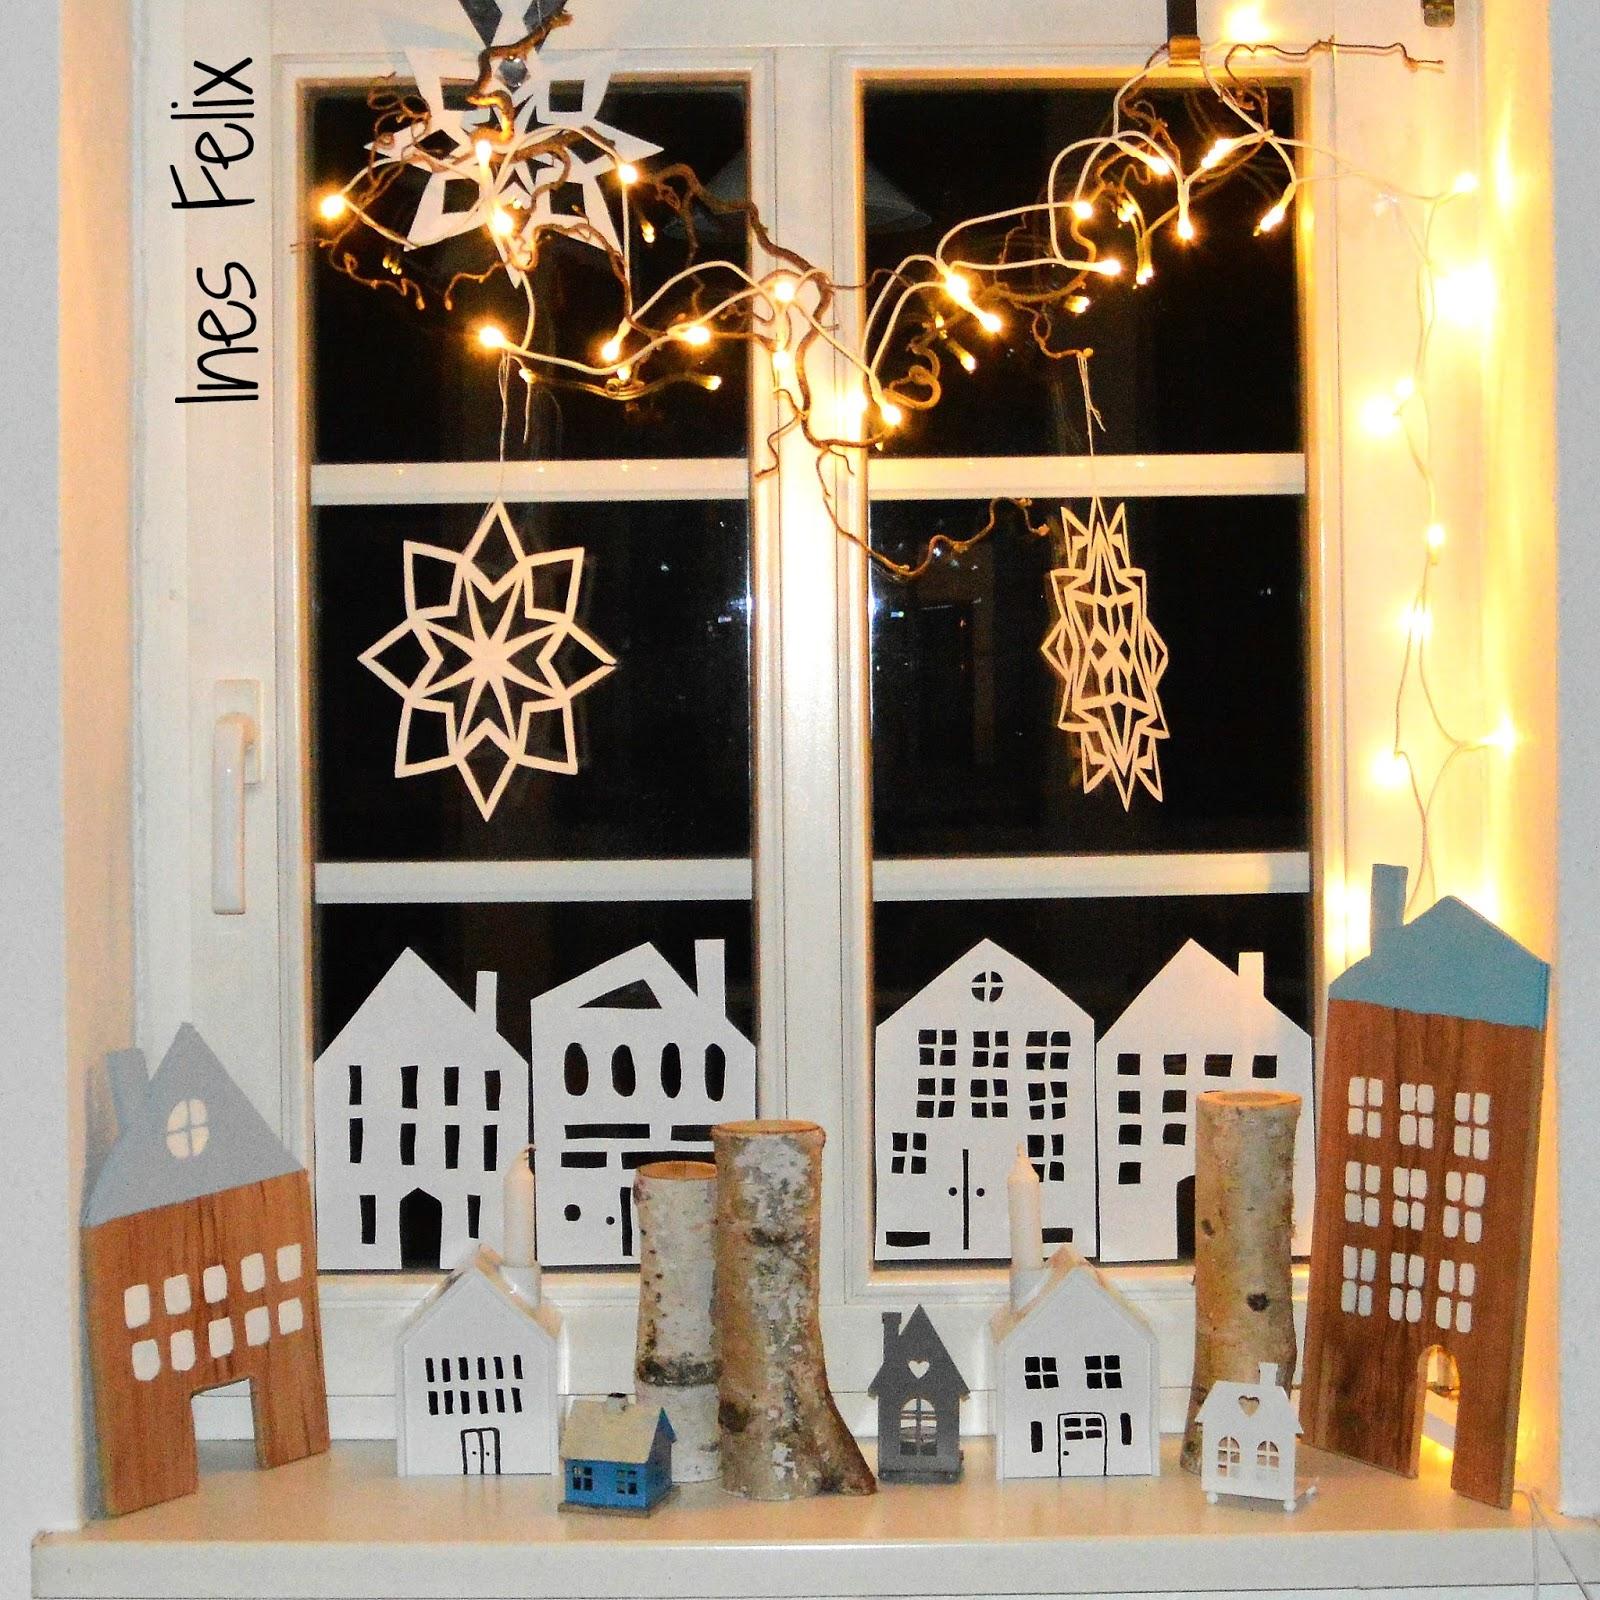 Ines Felix - Kreatives zum Nachmachen: Winter-Weihnachts-Fenster ...